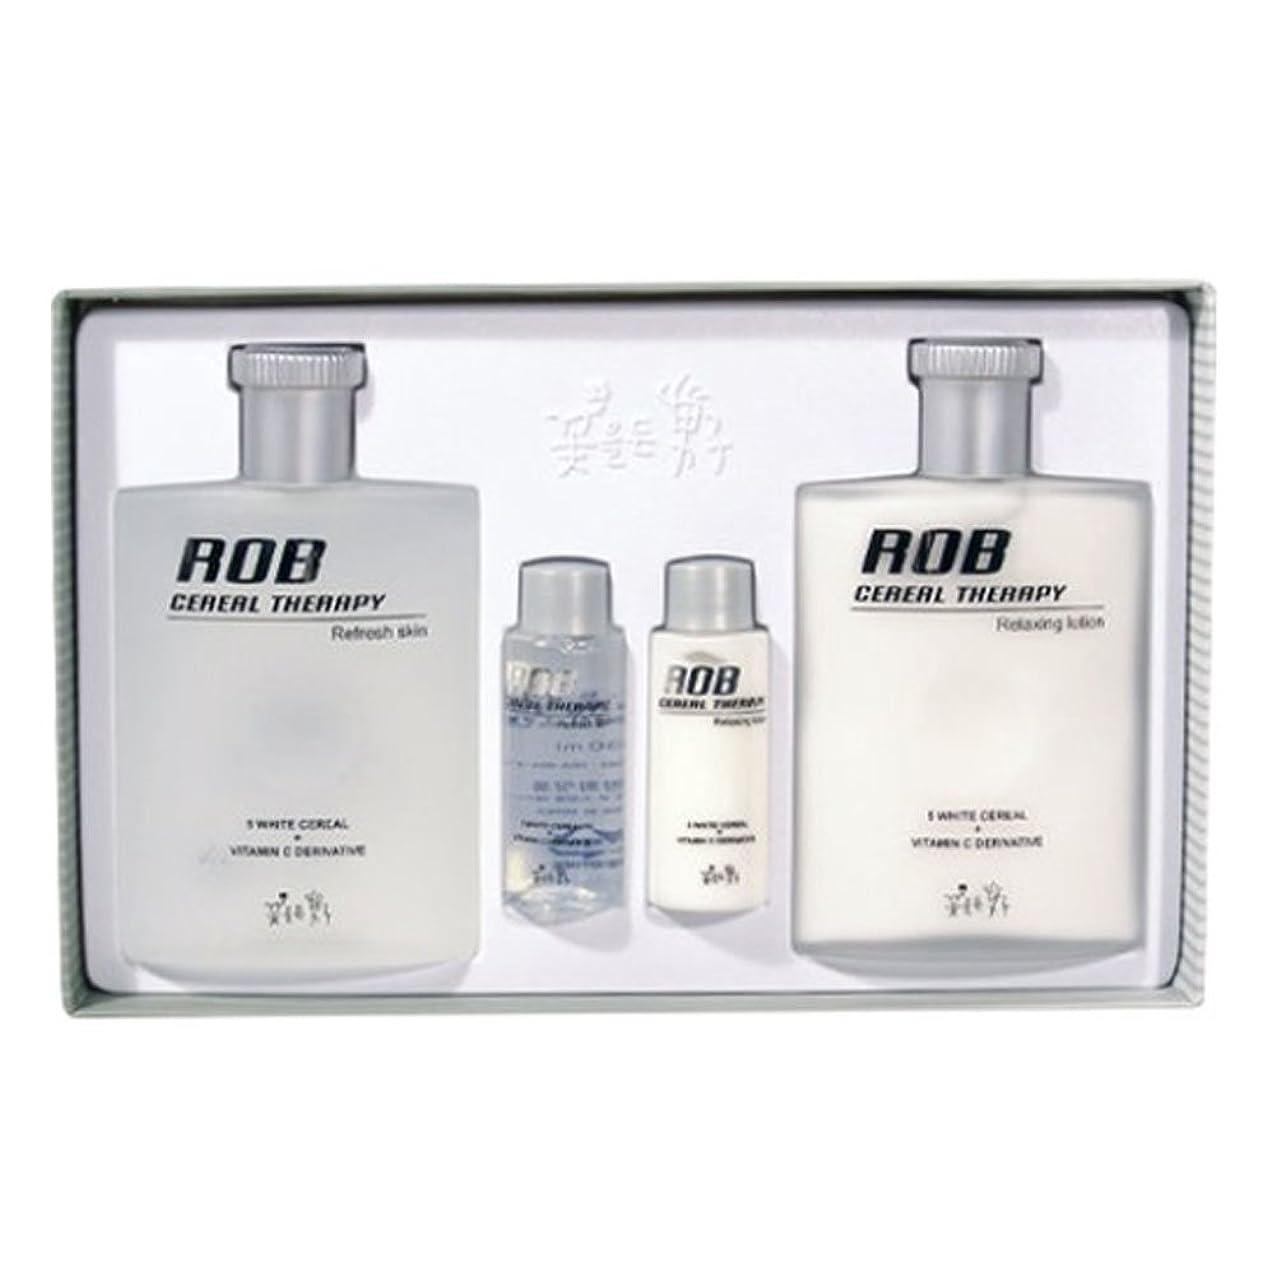 物足りない熱帯の治療ロブ?シリアルセラピースキン(160+30ml)ローション(160+30ml)、男性用化粧品、ROB Cereal Therapy Skin(160+30ml) Lotion(160+30ml) Men's Cosmetics [並行輸入品]